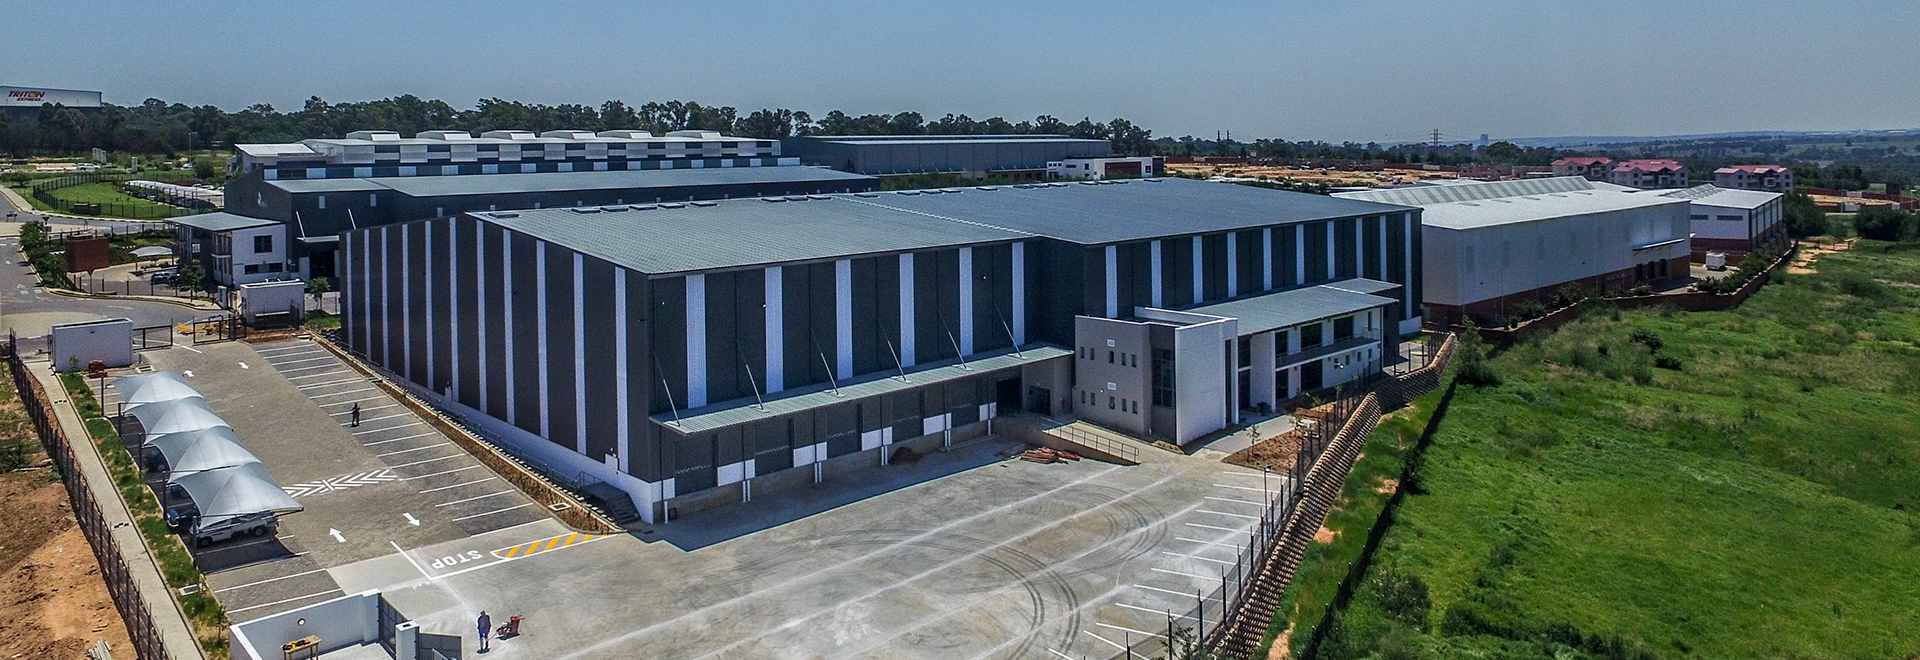 Westlake Industrial